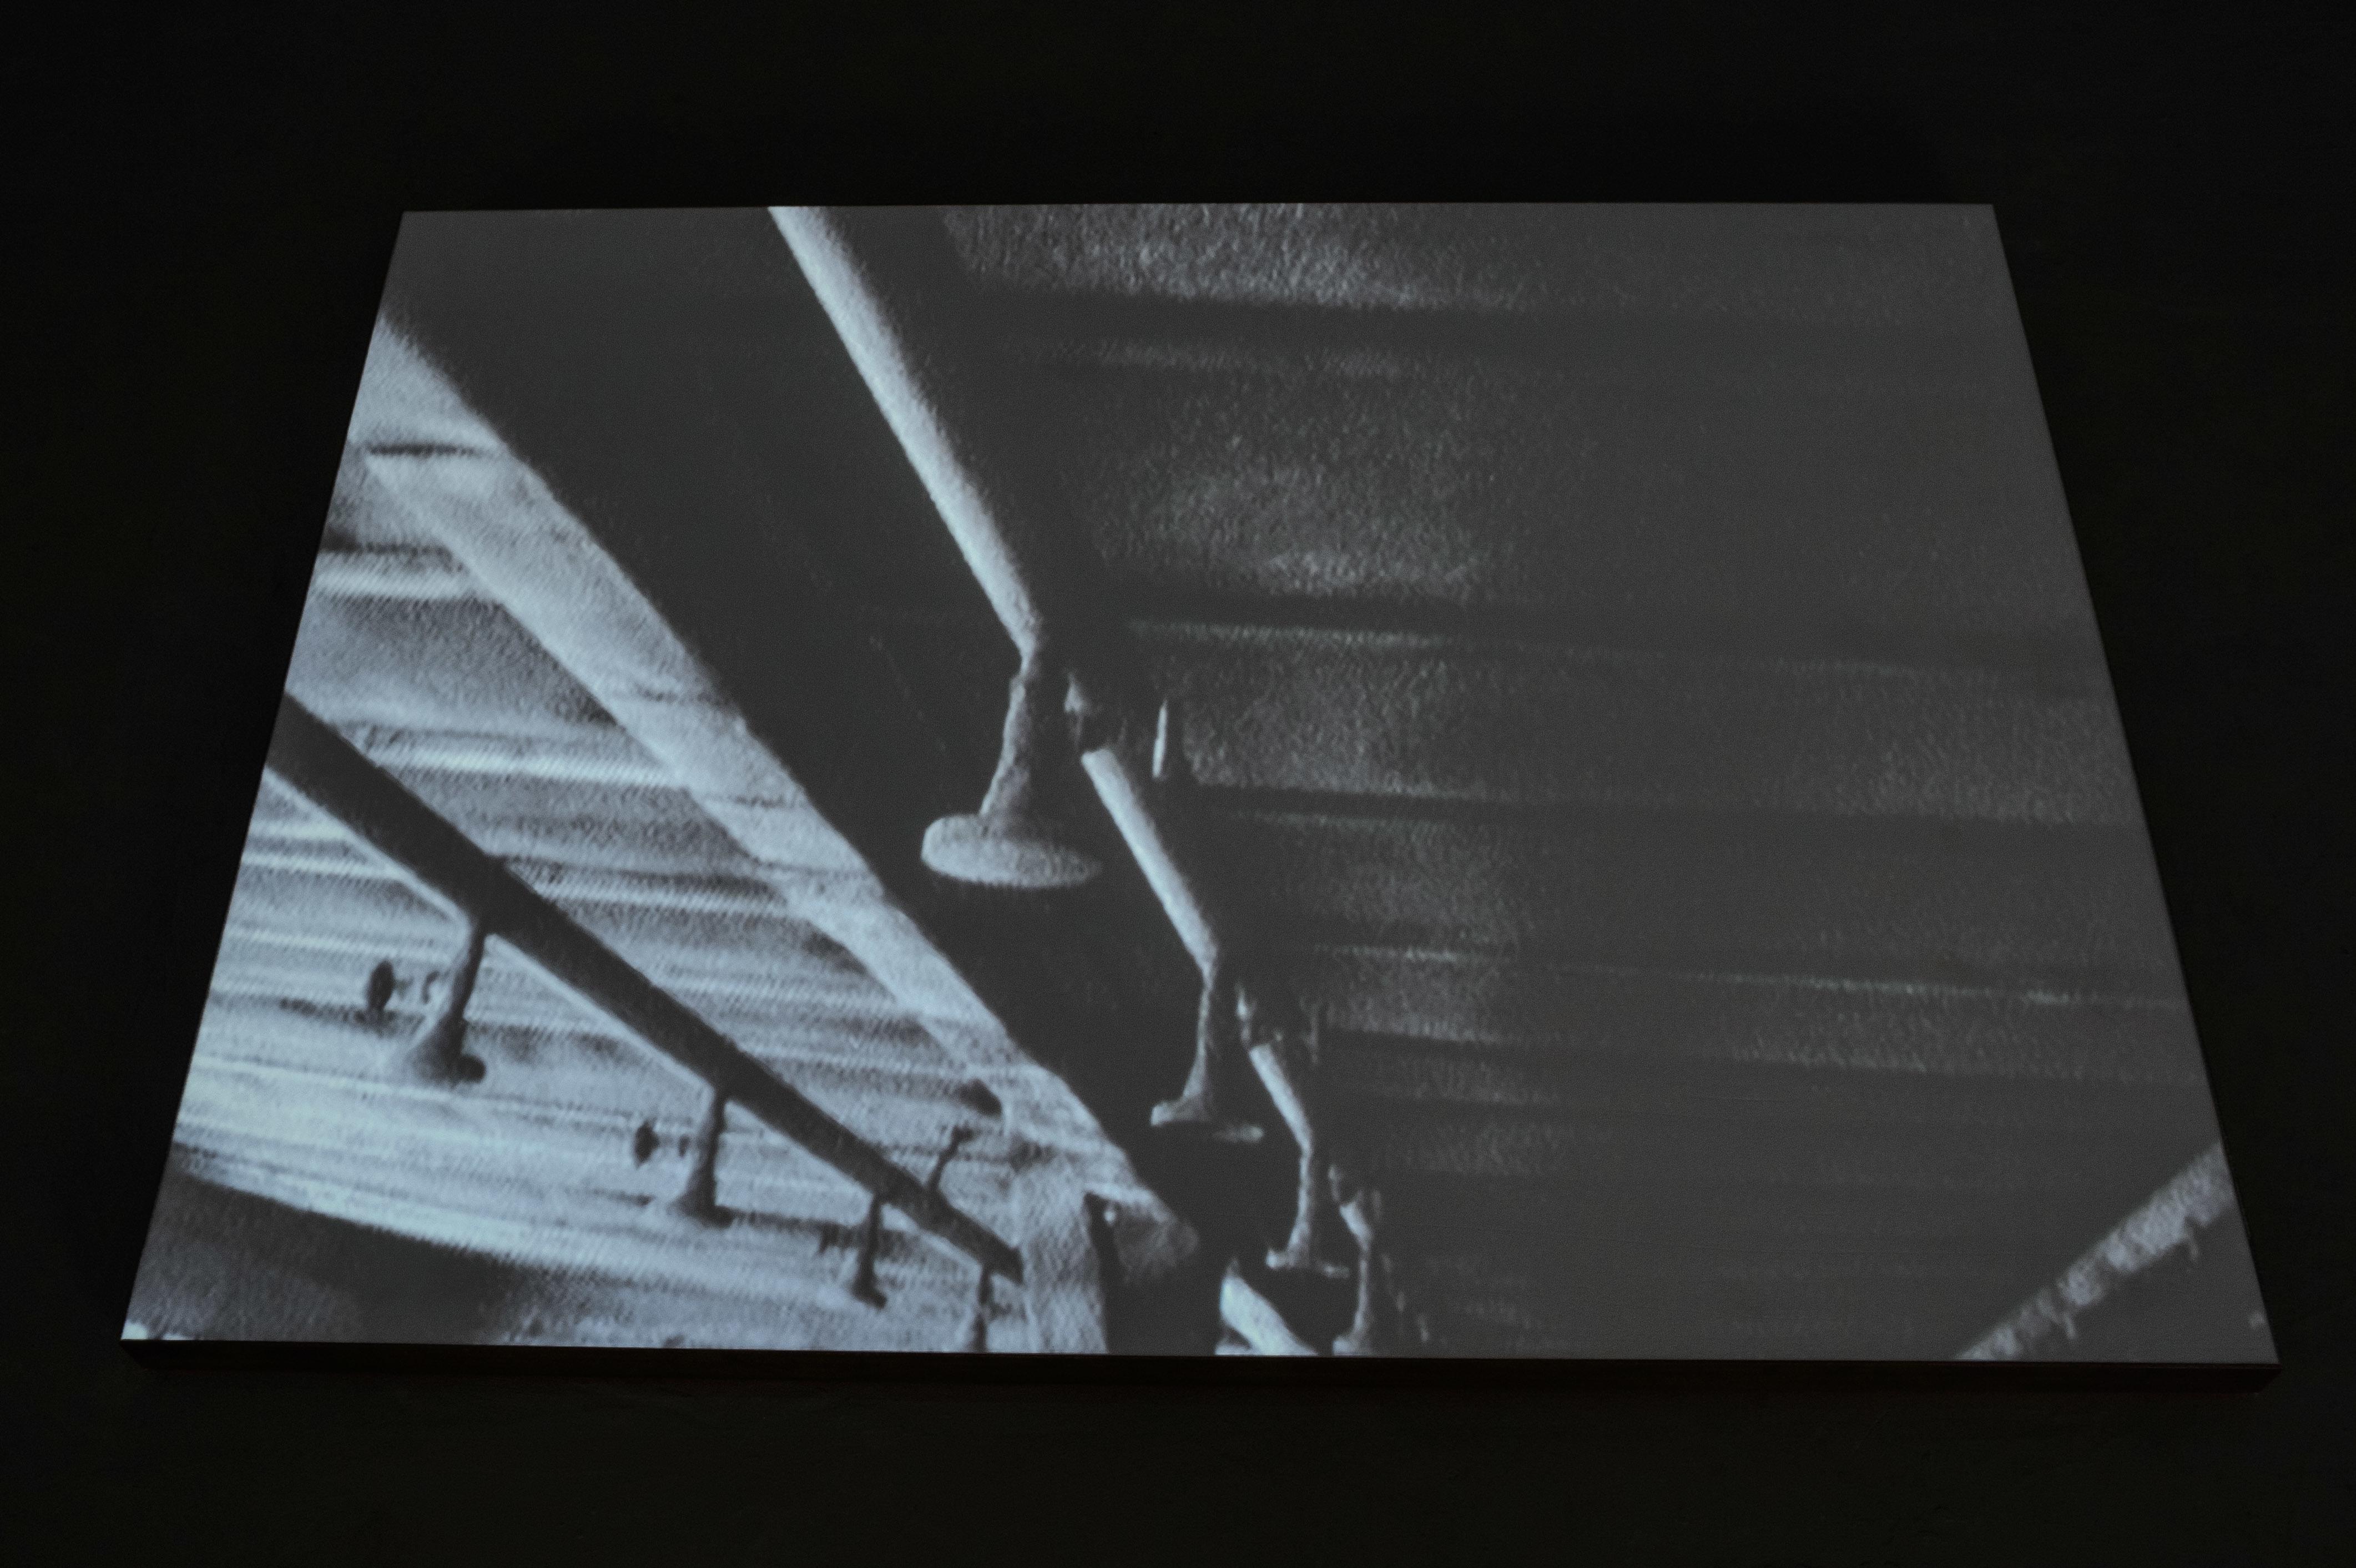 """Mirosław Bałka, """"bottom"""", 1999/2003, wideo zrealizowane właźni KL Majdanek wLublinie"""